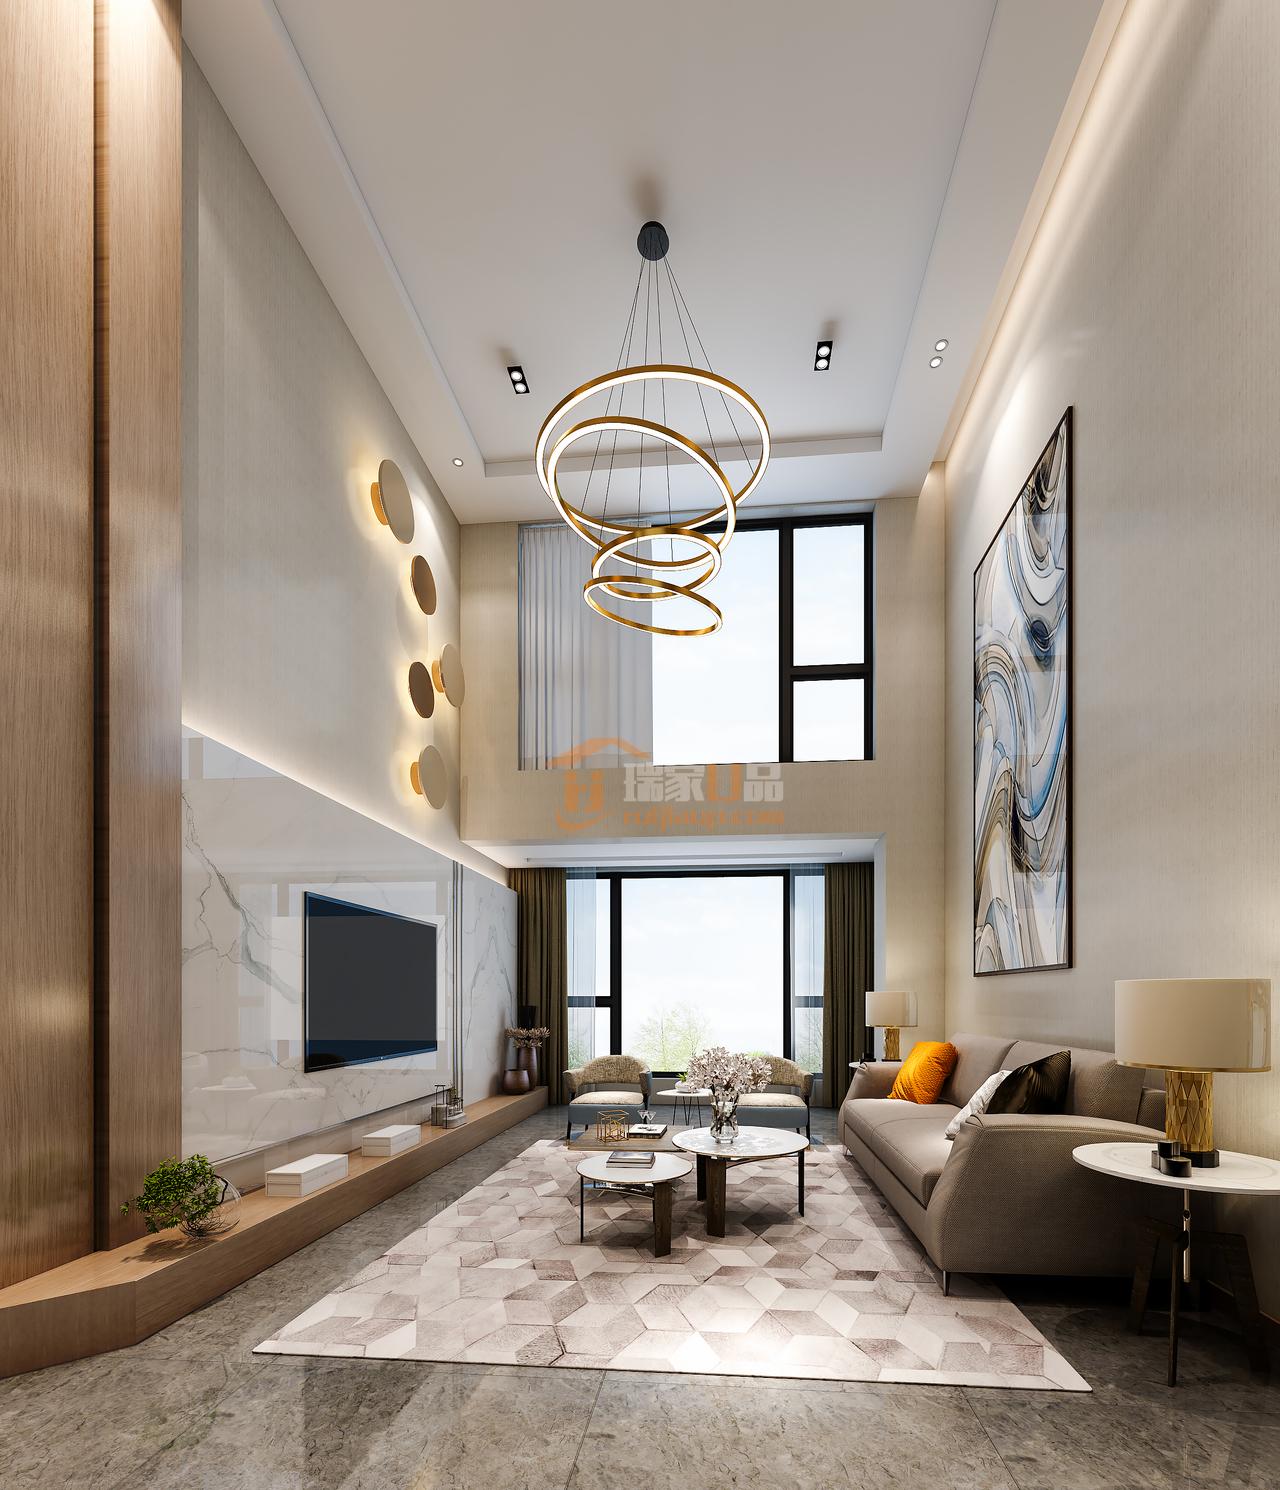 现代风格案例装修效果图,营造多元化空间,一个色彩丰富有层次的家,